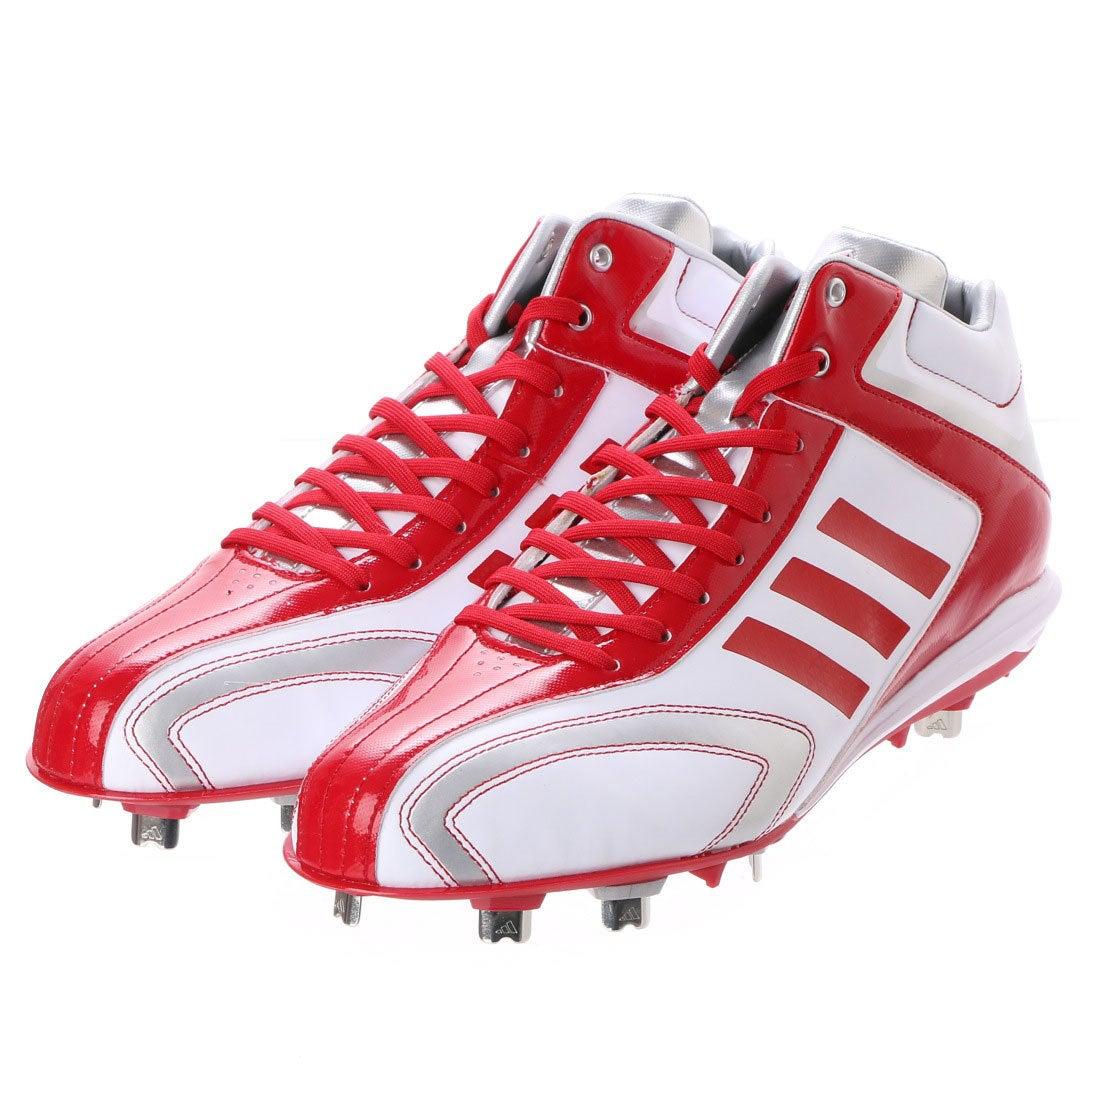 【SALE 30%OFF】アディダス adidas ユニセックス 野球 スパイクシューズ アディピュアT3 MID AQ8340 197